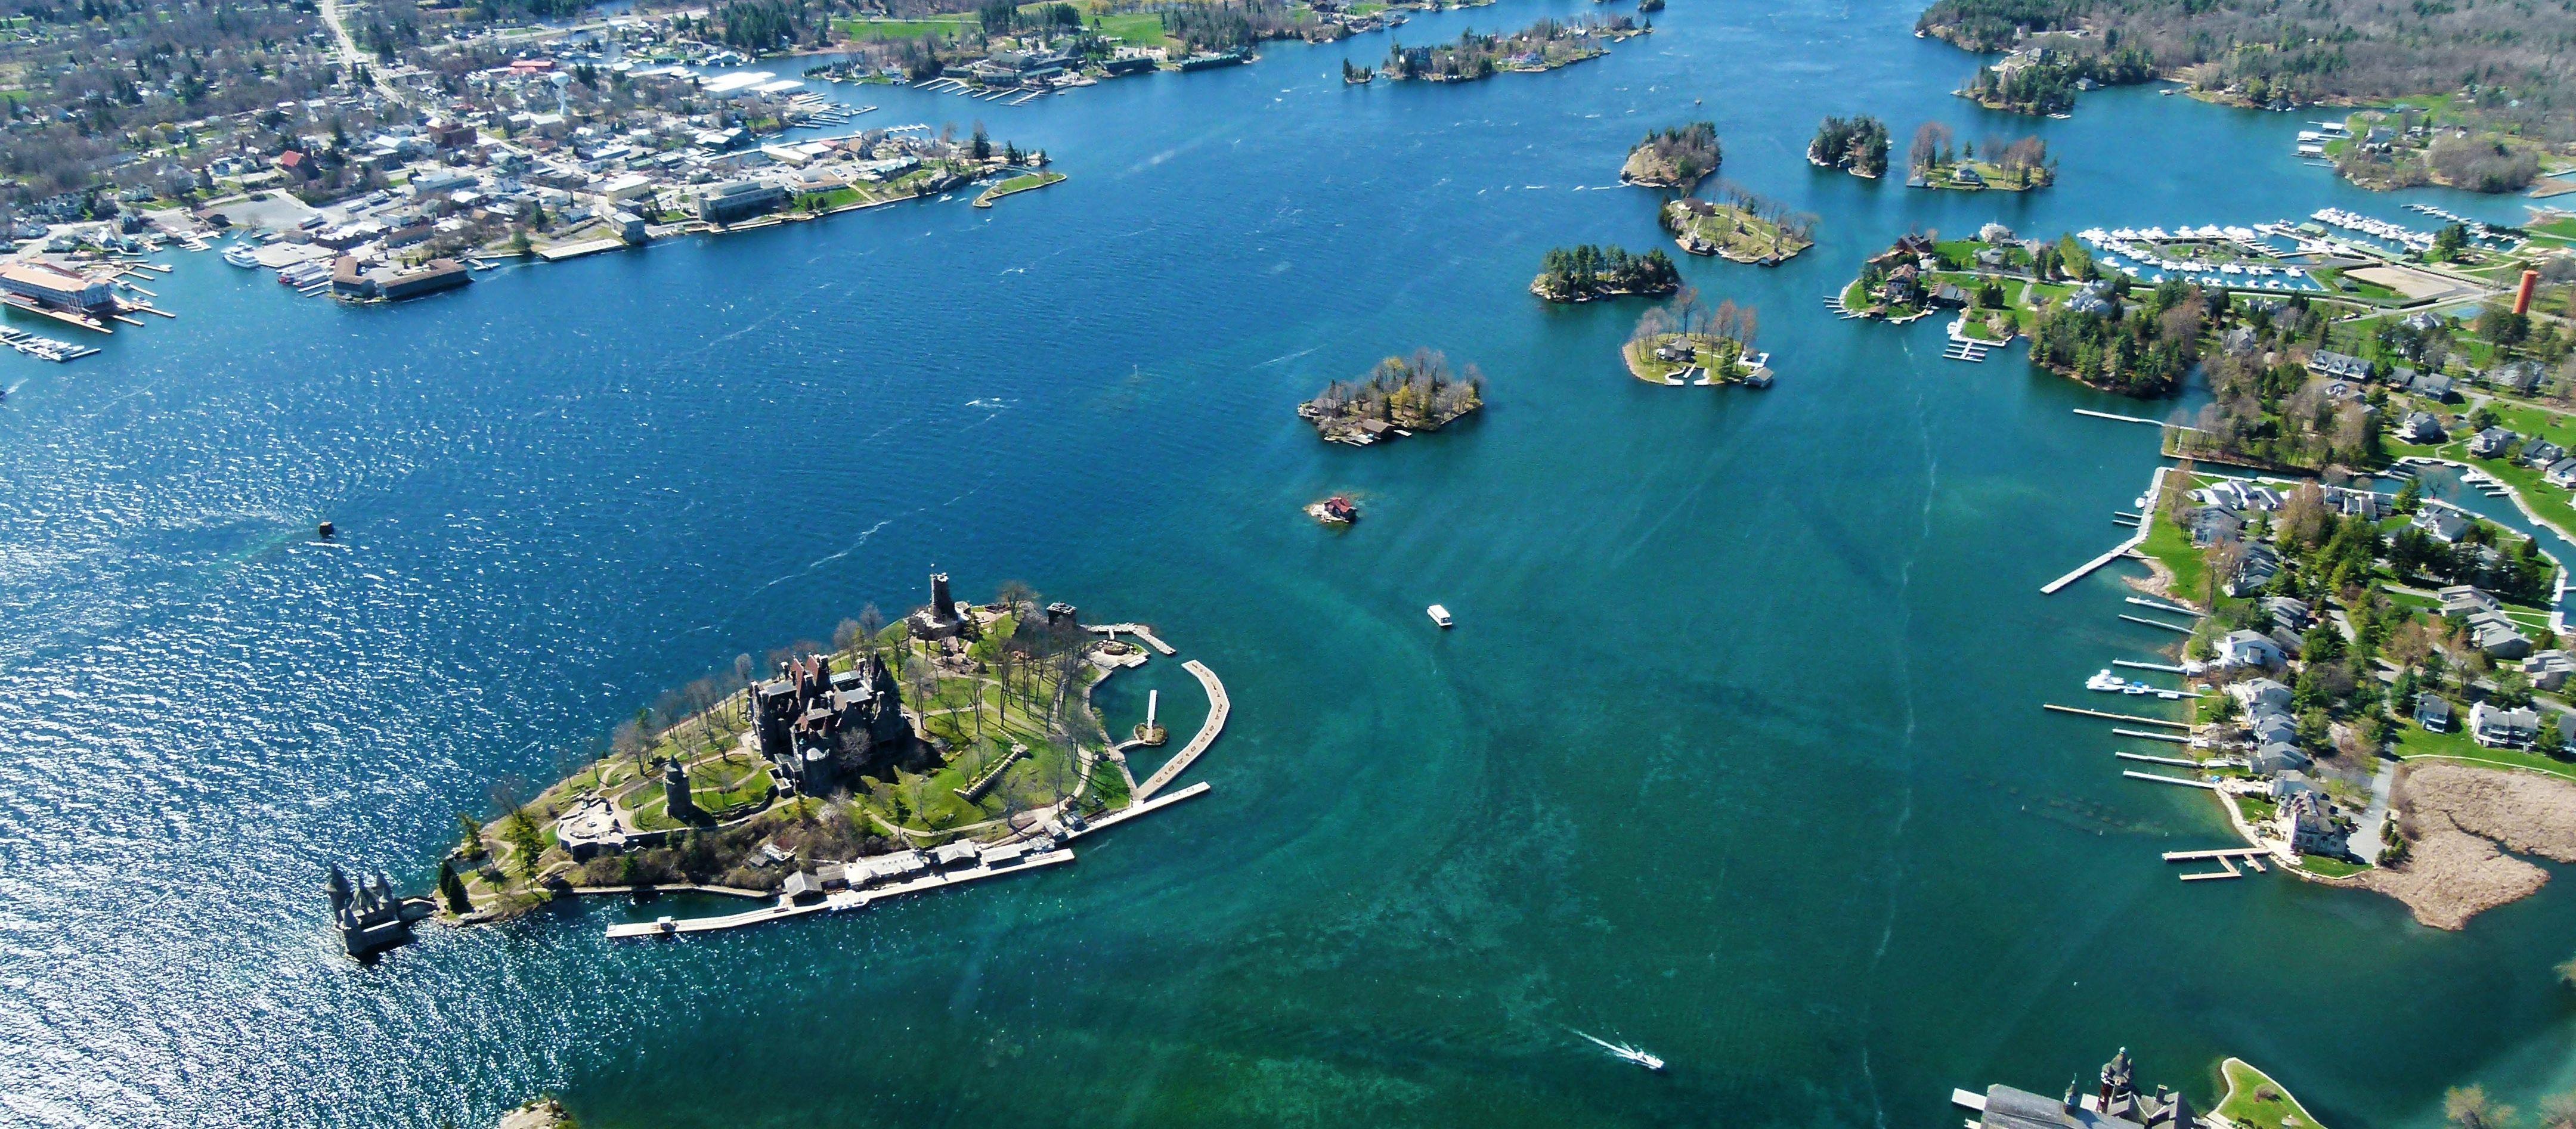 Sarina Keil macht einen Helicopter Rundflug über die 1000 Islands in Ontario